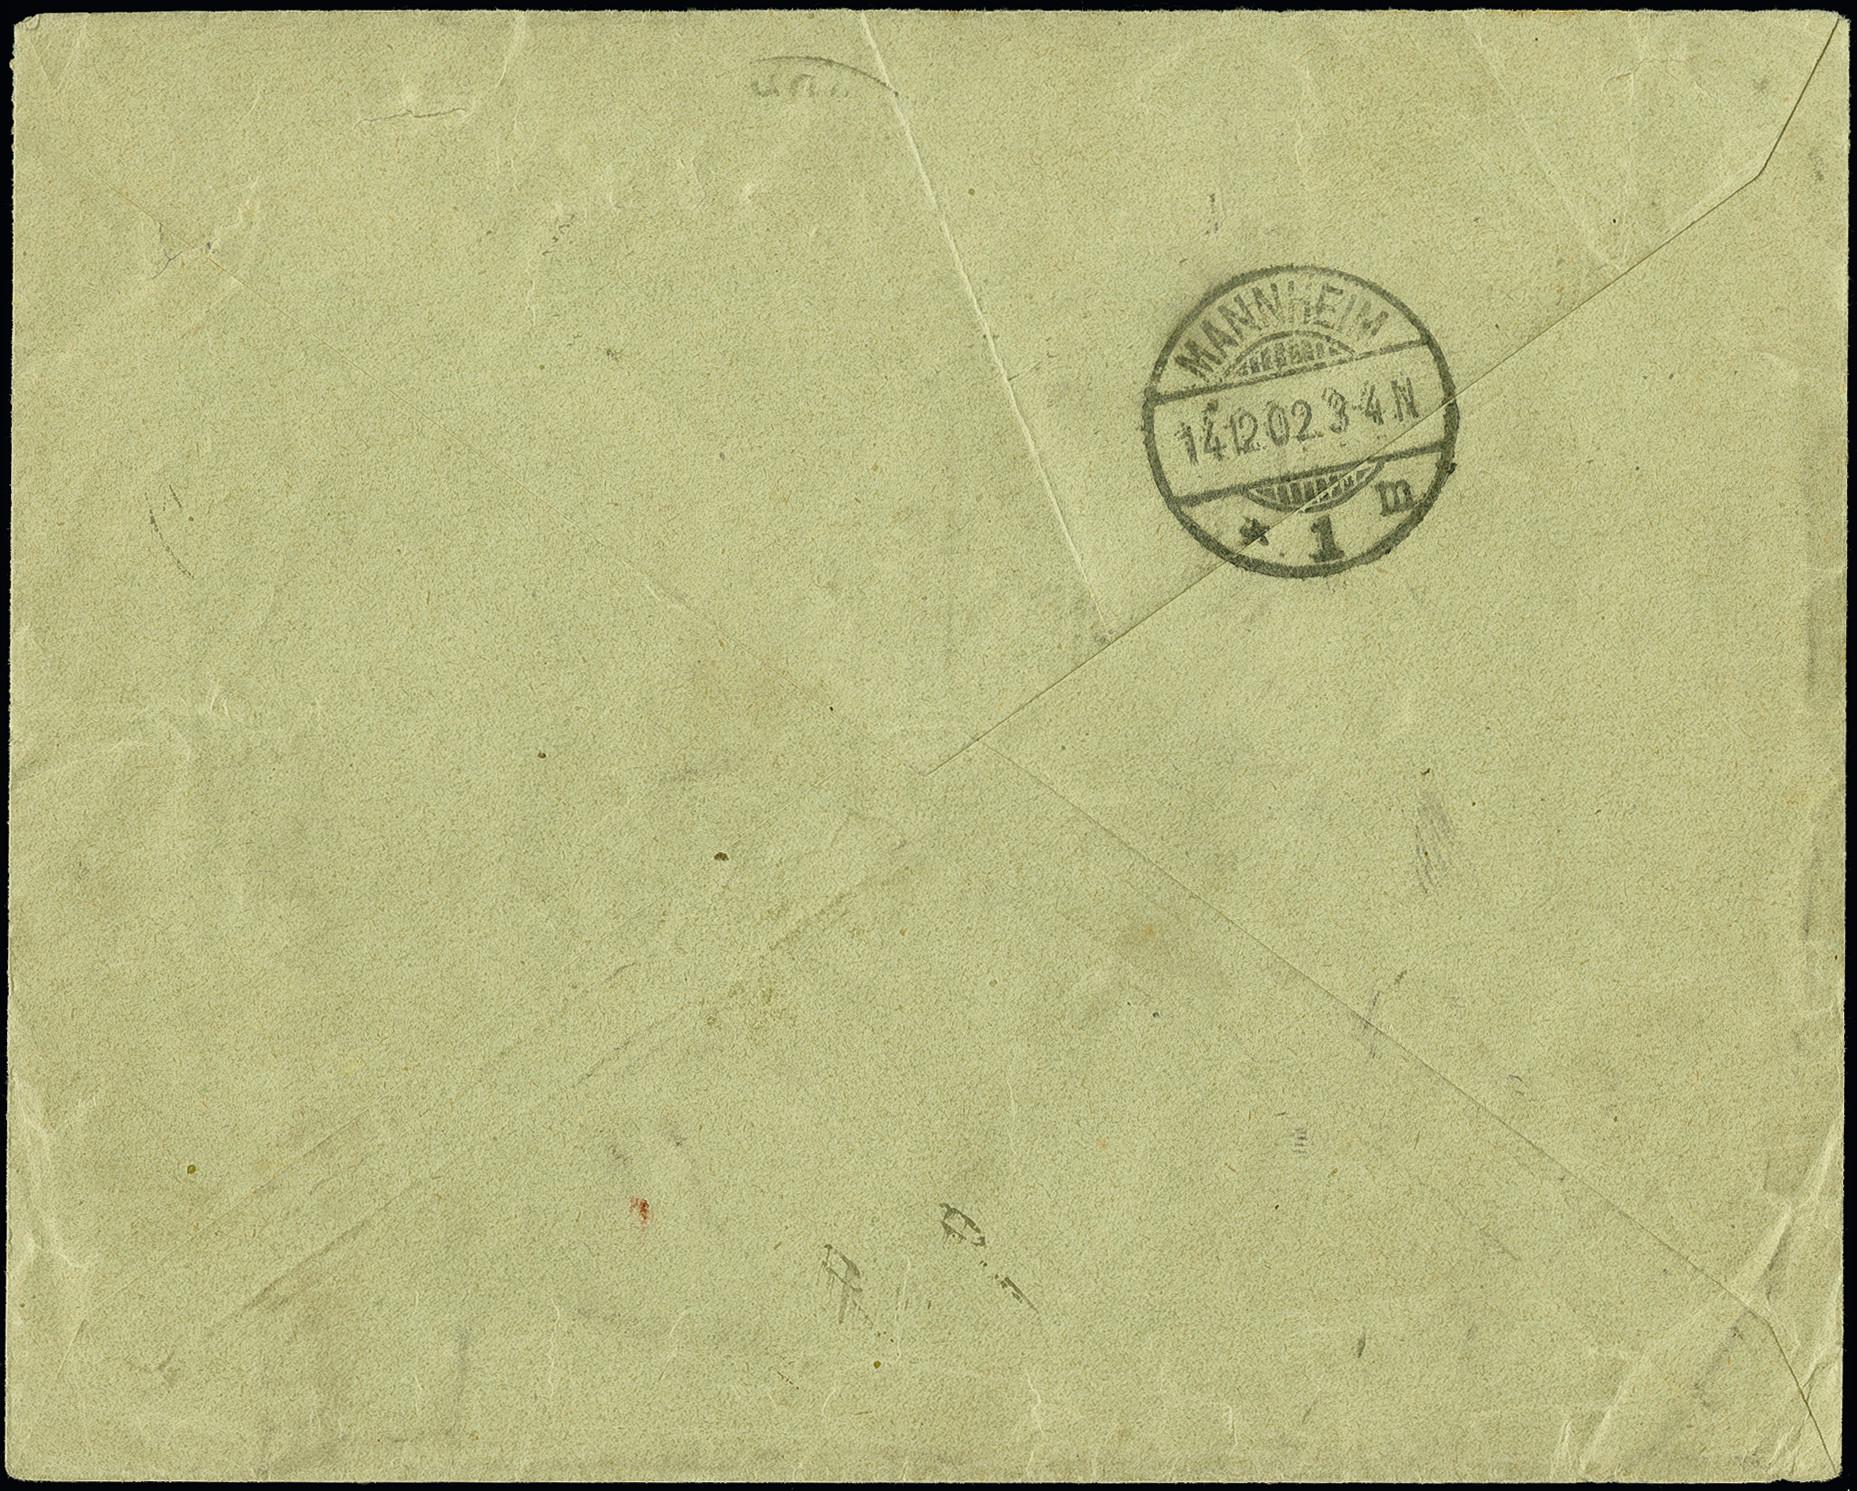 Lot 2902 - deutsche auslandspostämter und kolonien german south-west africa -  Heinrich Koehler Auktionen 375rd Heinrich Köhler auction - Day 2